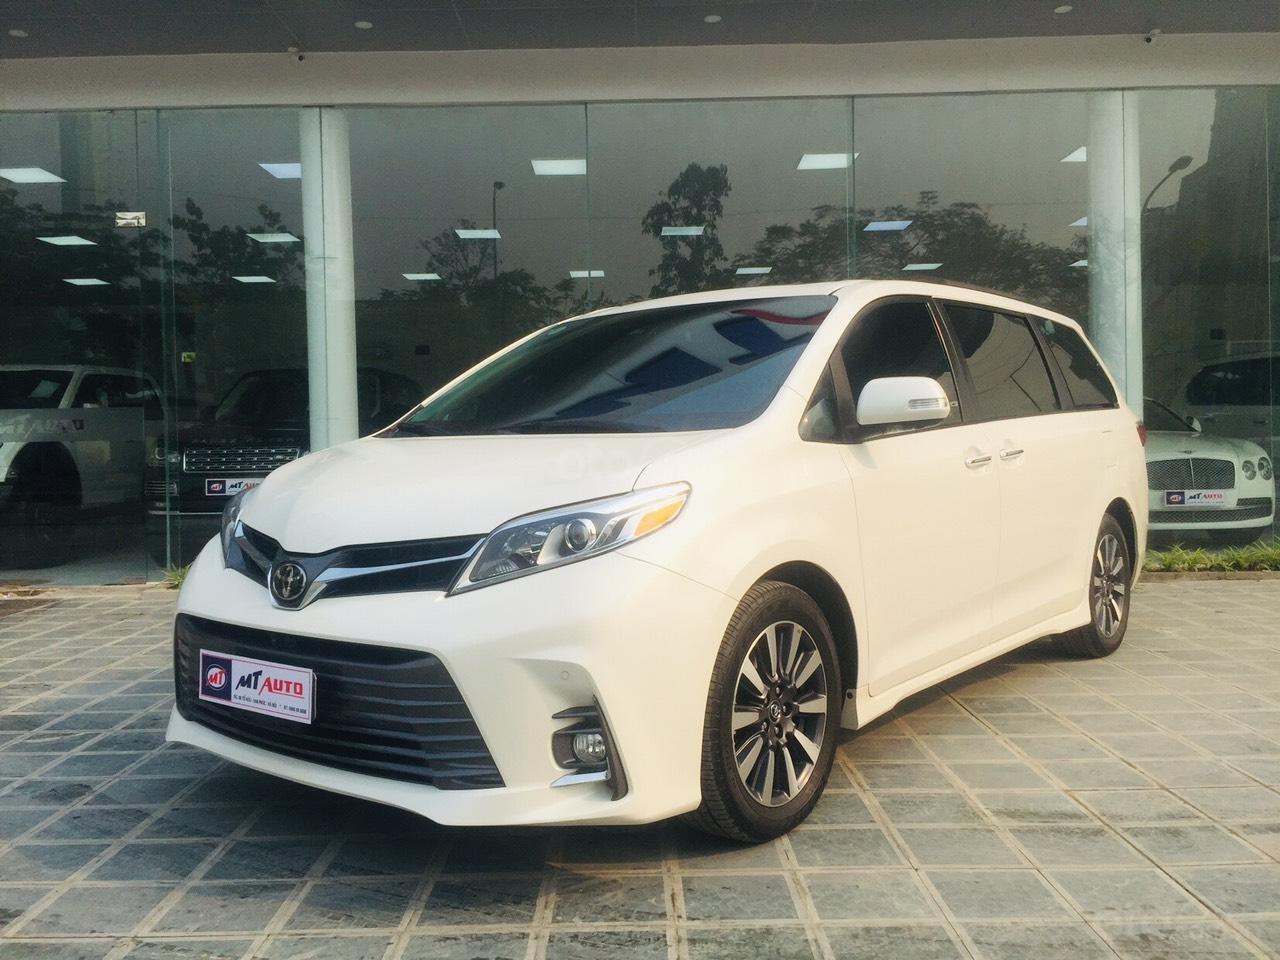 Bán Toyota Sienna Limited 1 cầu 2019, nhập Mỹ đủ màu, Lh 0945.39.2468 Ms Hương (2)